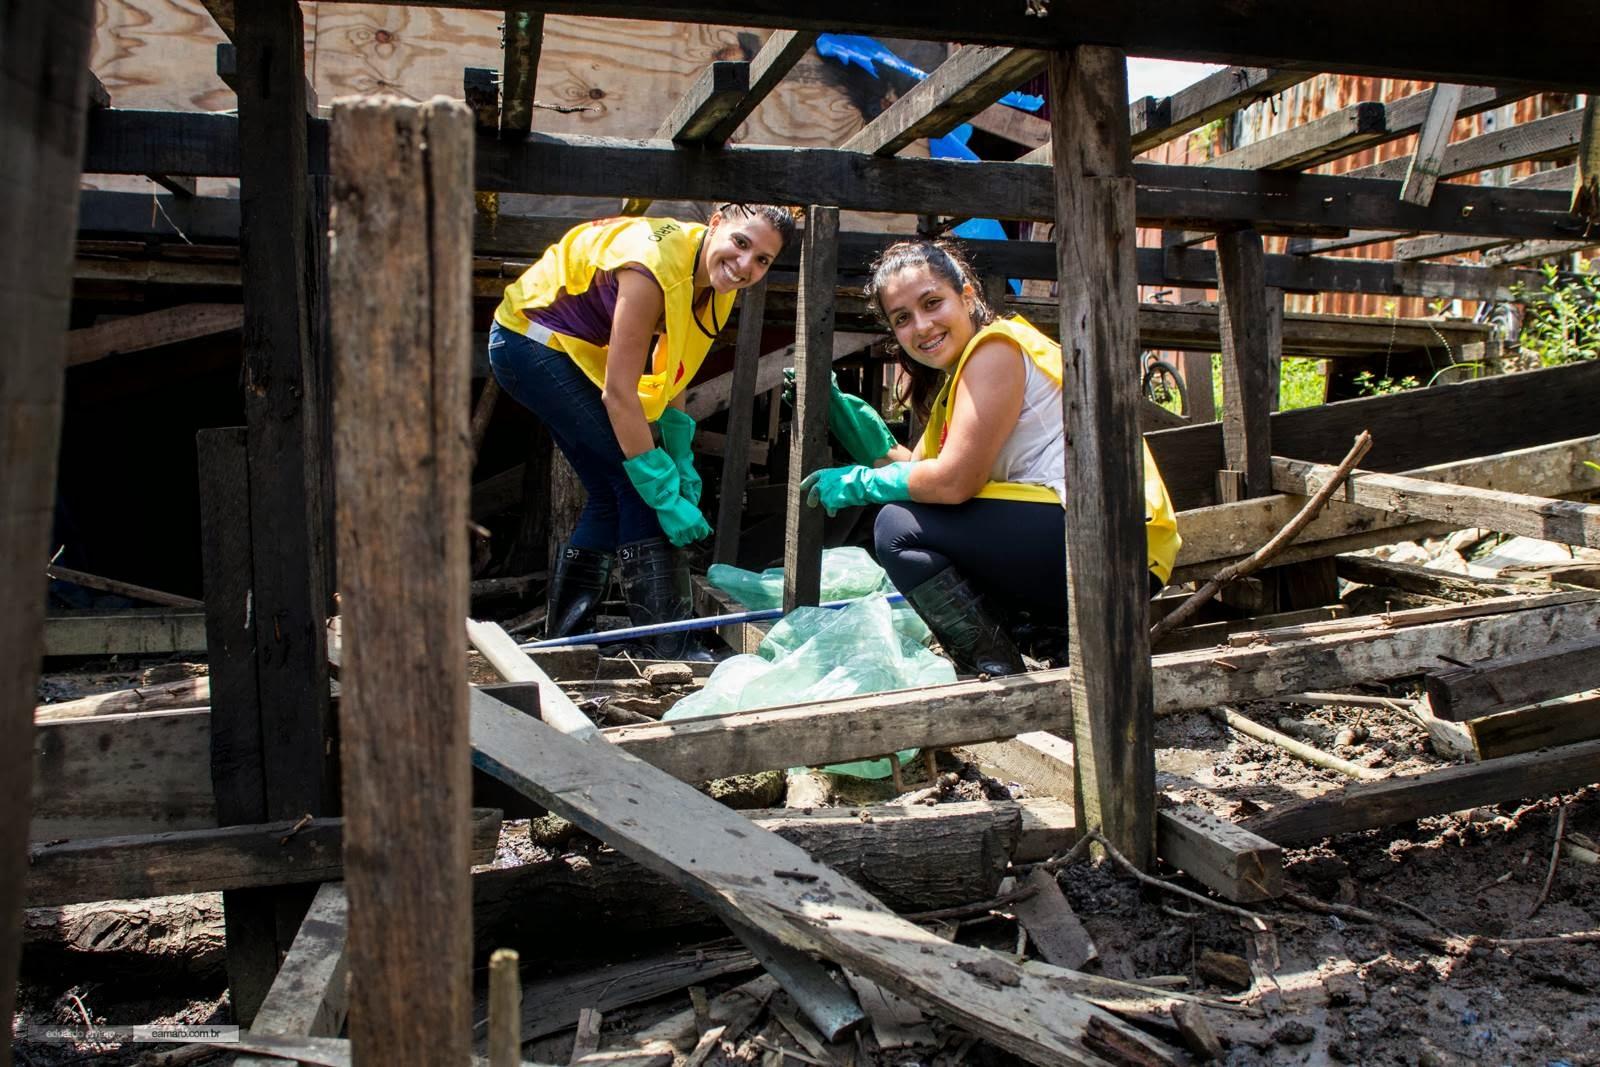 Voluntárias coletam lixo descatado no manguezal de forma irregular pelos moradores das palafitas. Crédito: Eduardo Amaro Silva / Instituto EcoFaxina